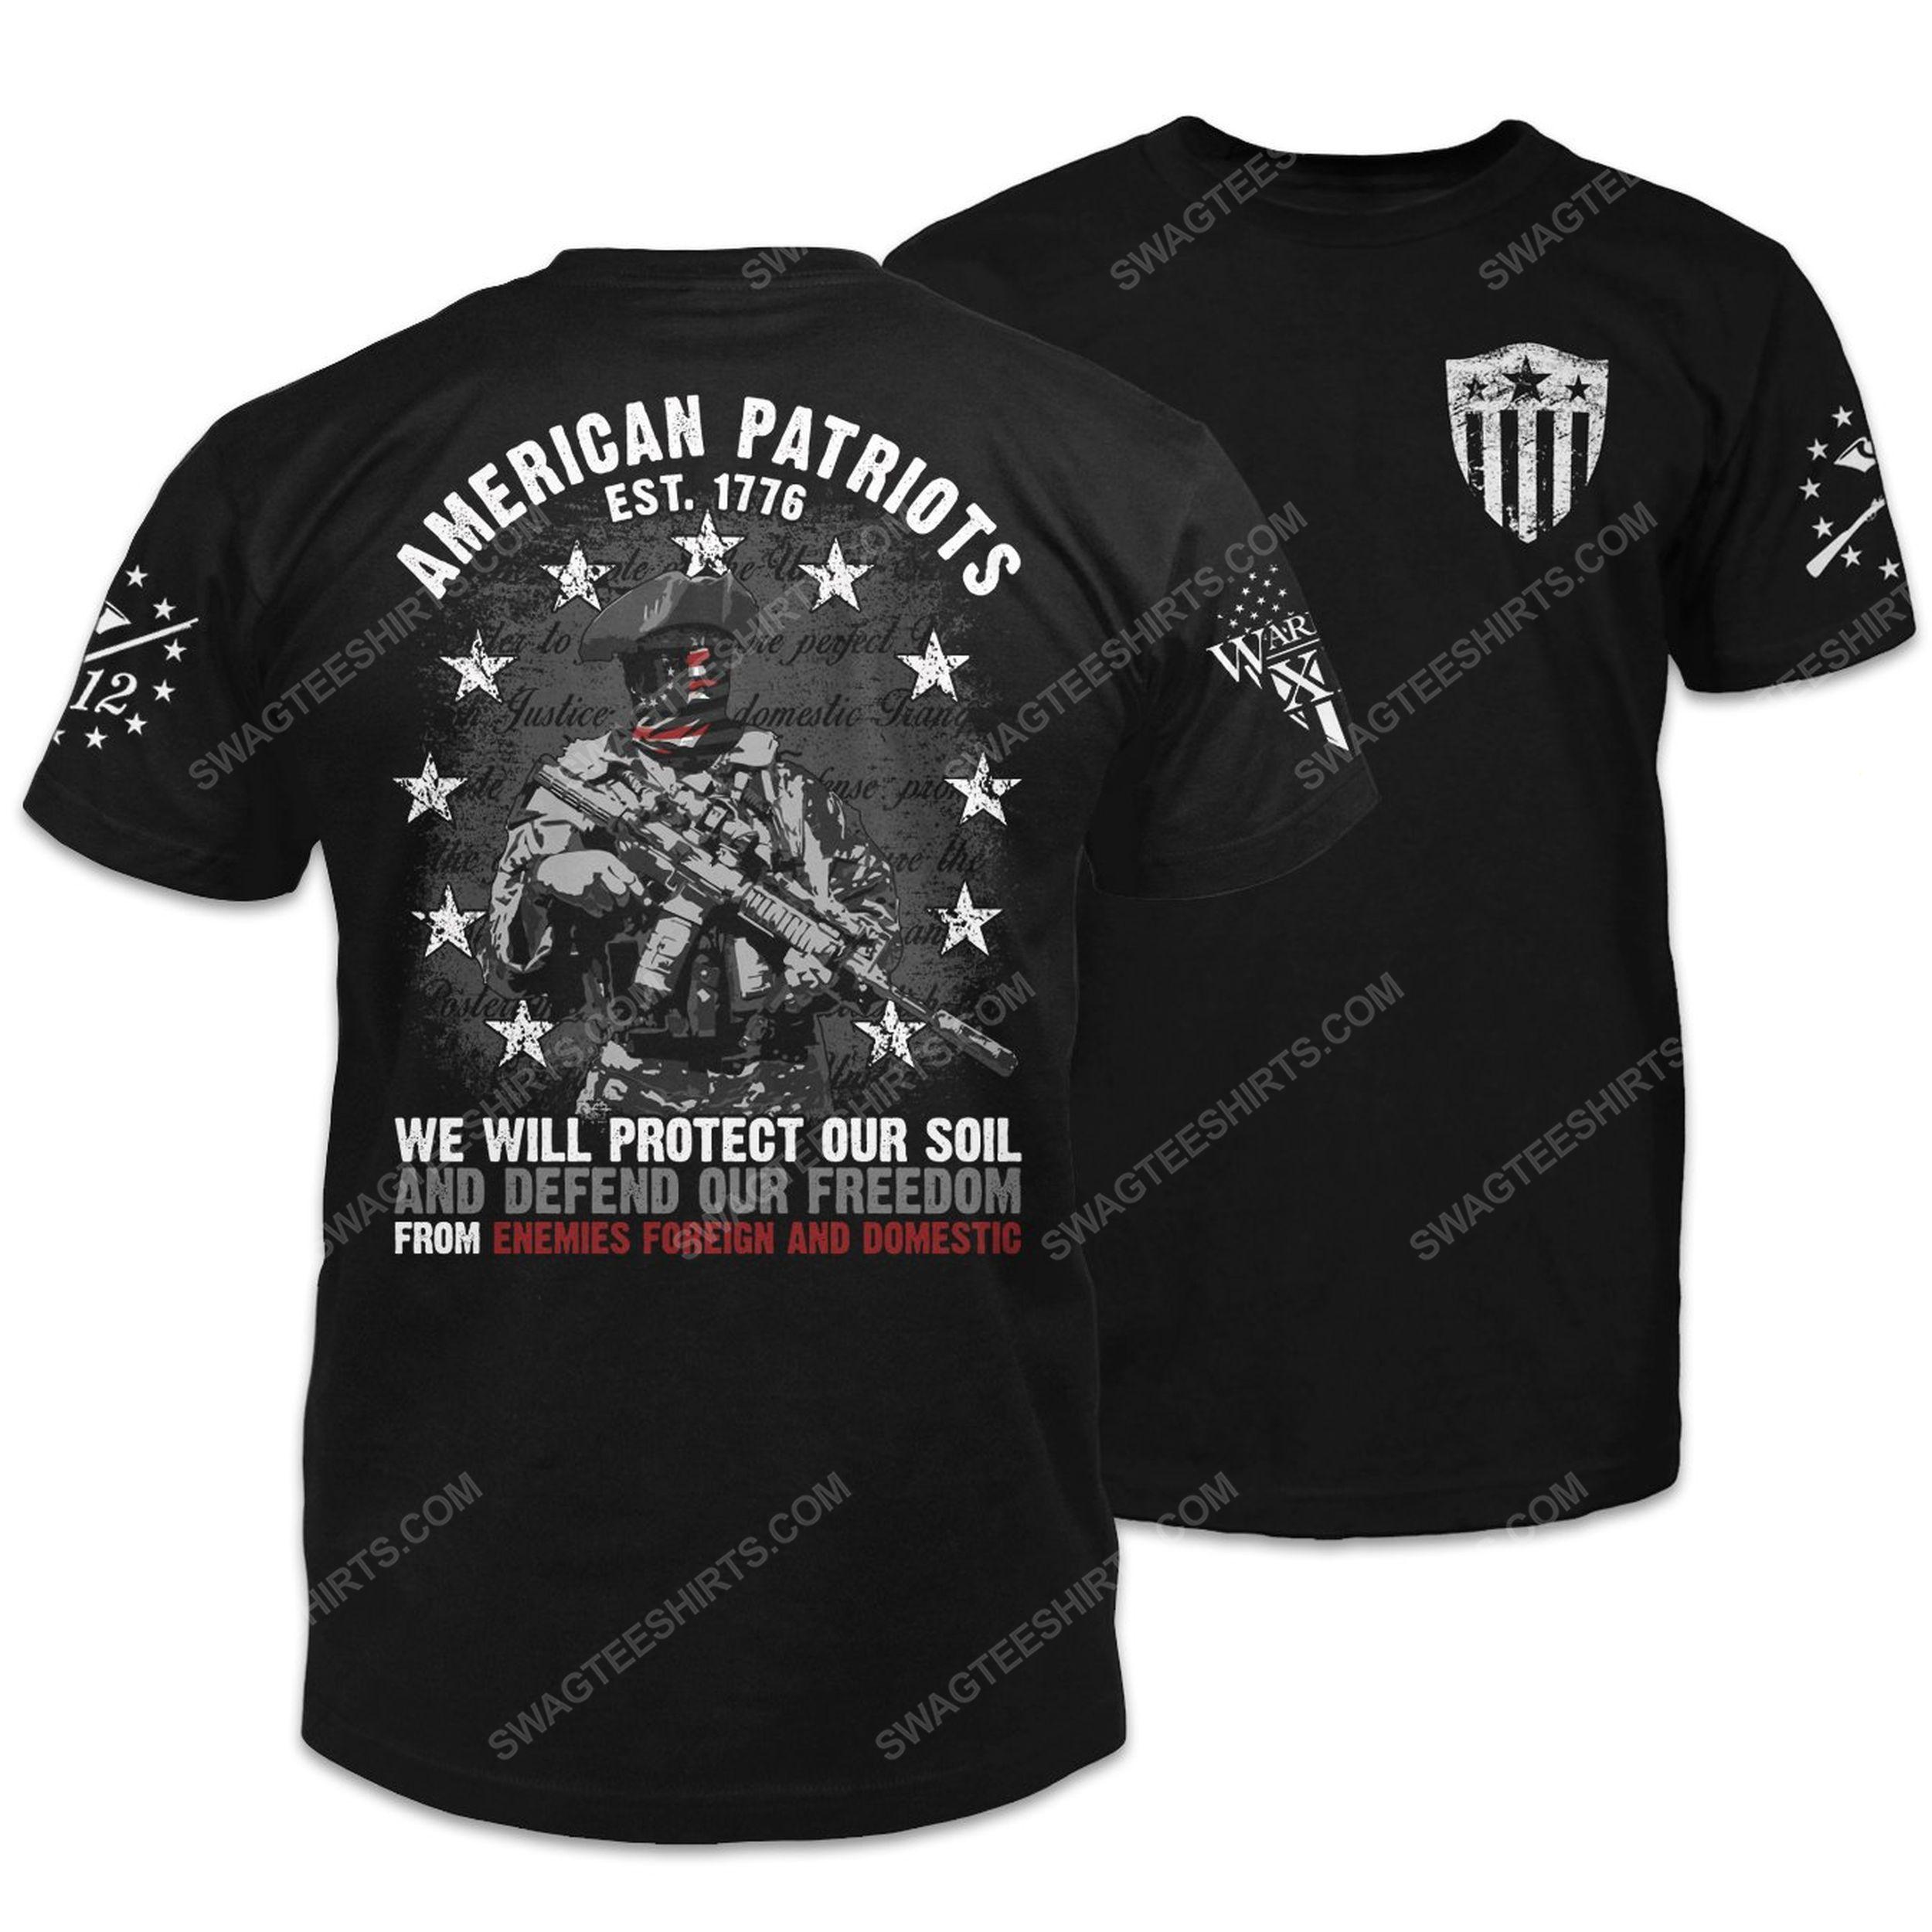 American patriots revolutionary war soldier shirt